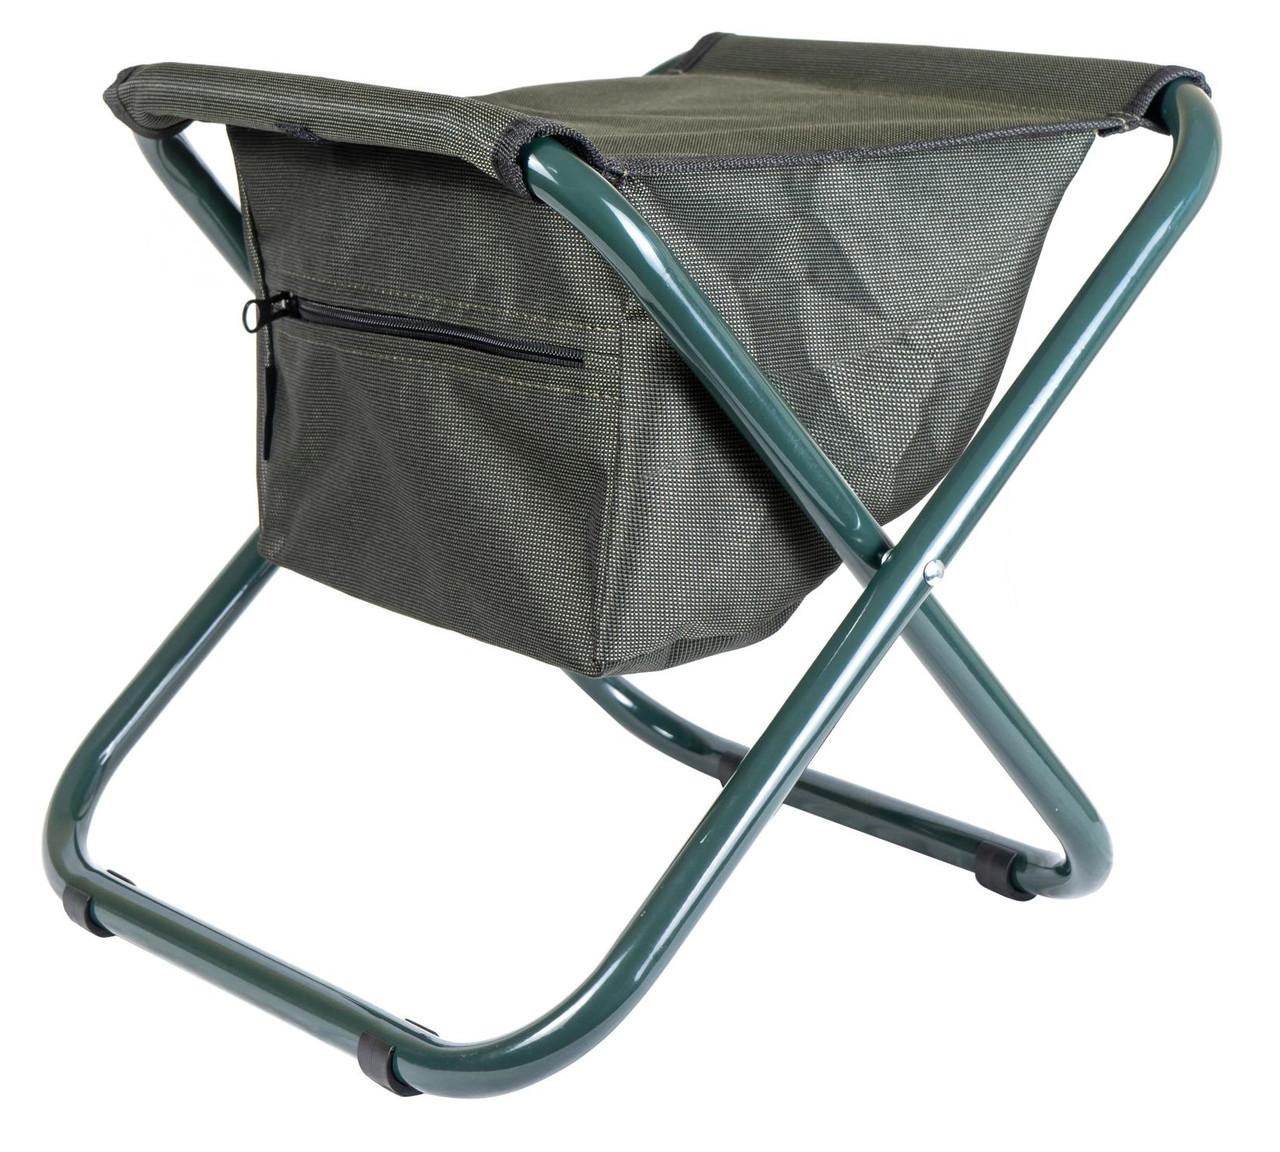 Складной стульчик с сумкой, туристический Ranger Seym Bag (Арт. RA 4418) Сумка-стул